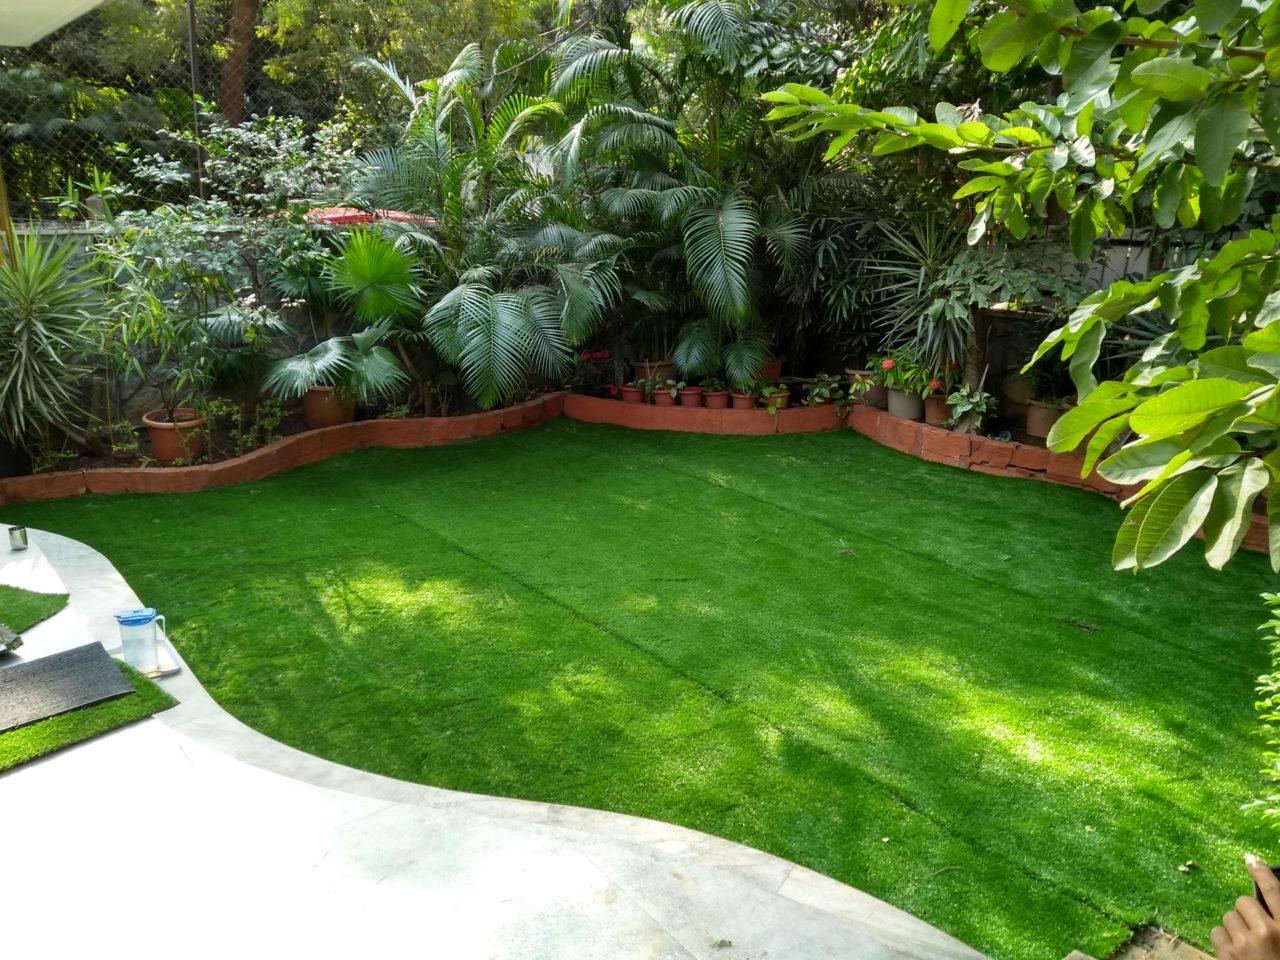 Sopan Baugh Pune Artificial Grass